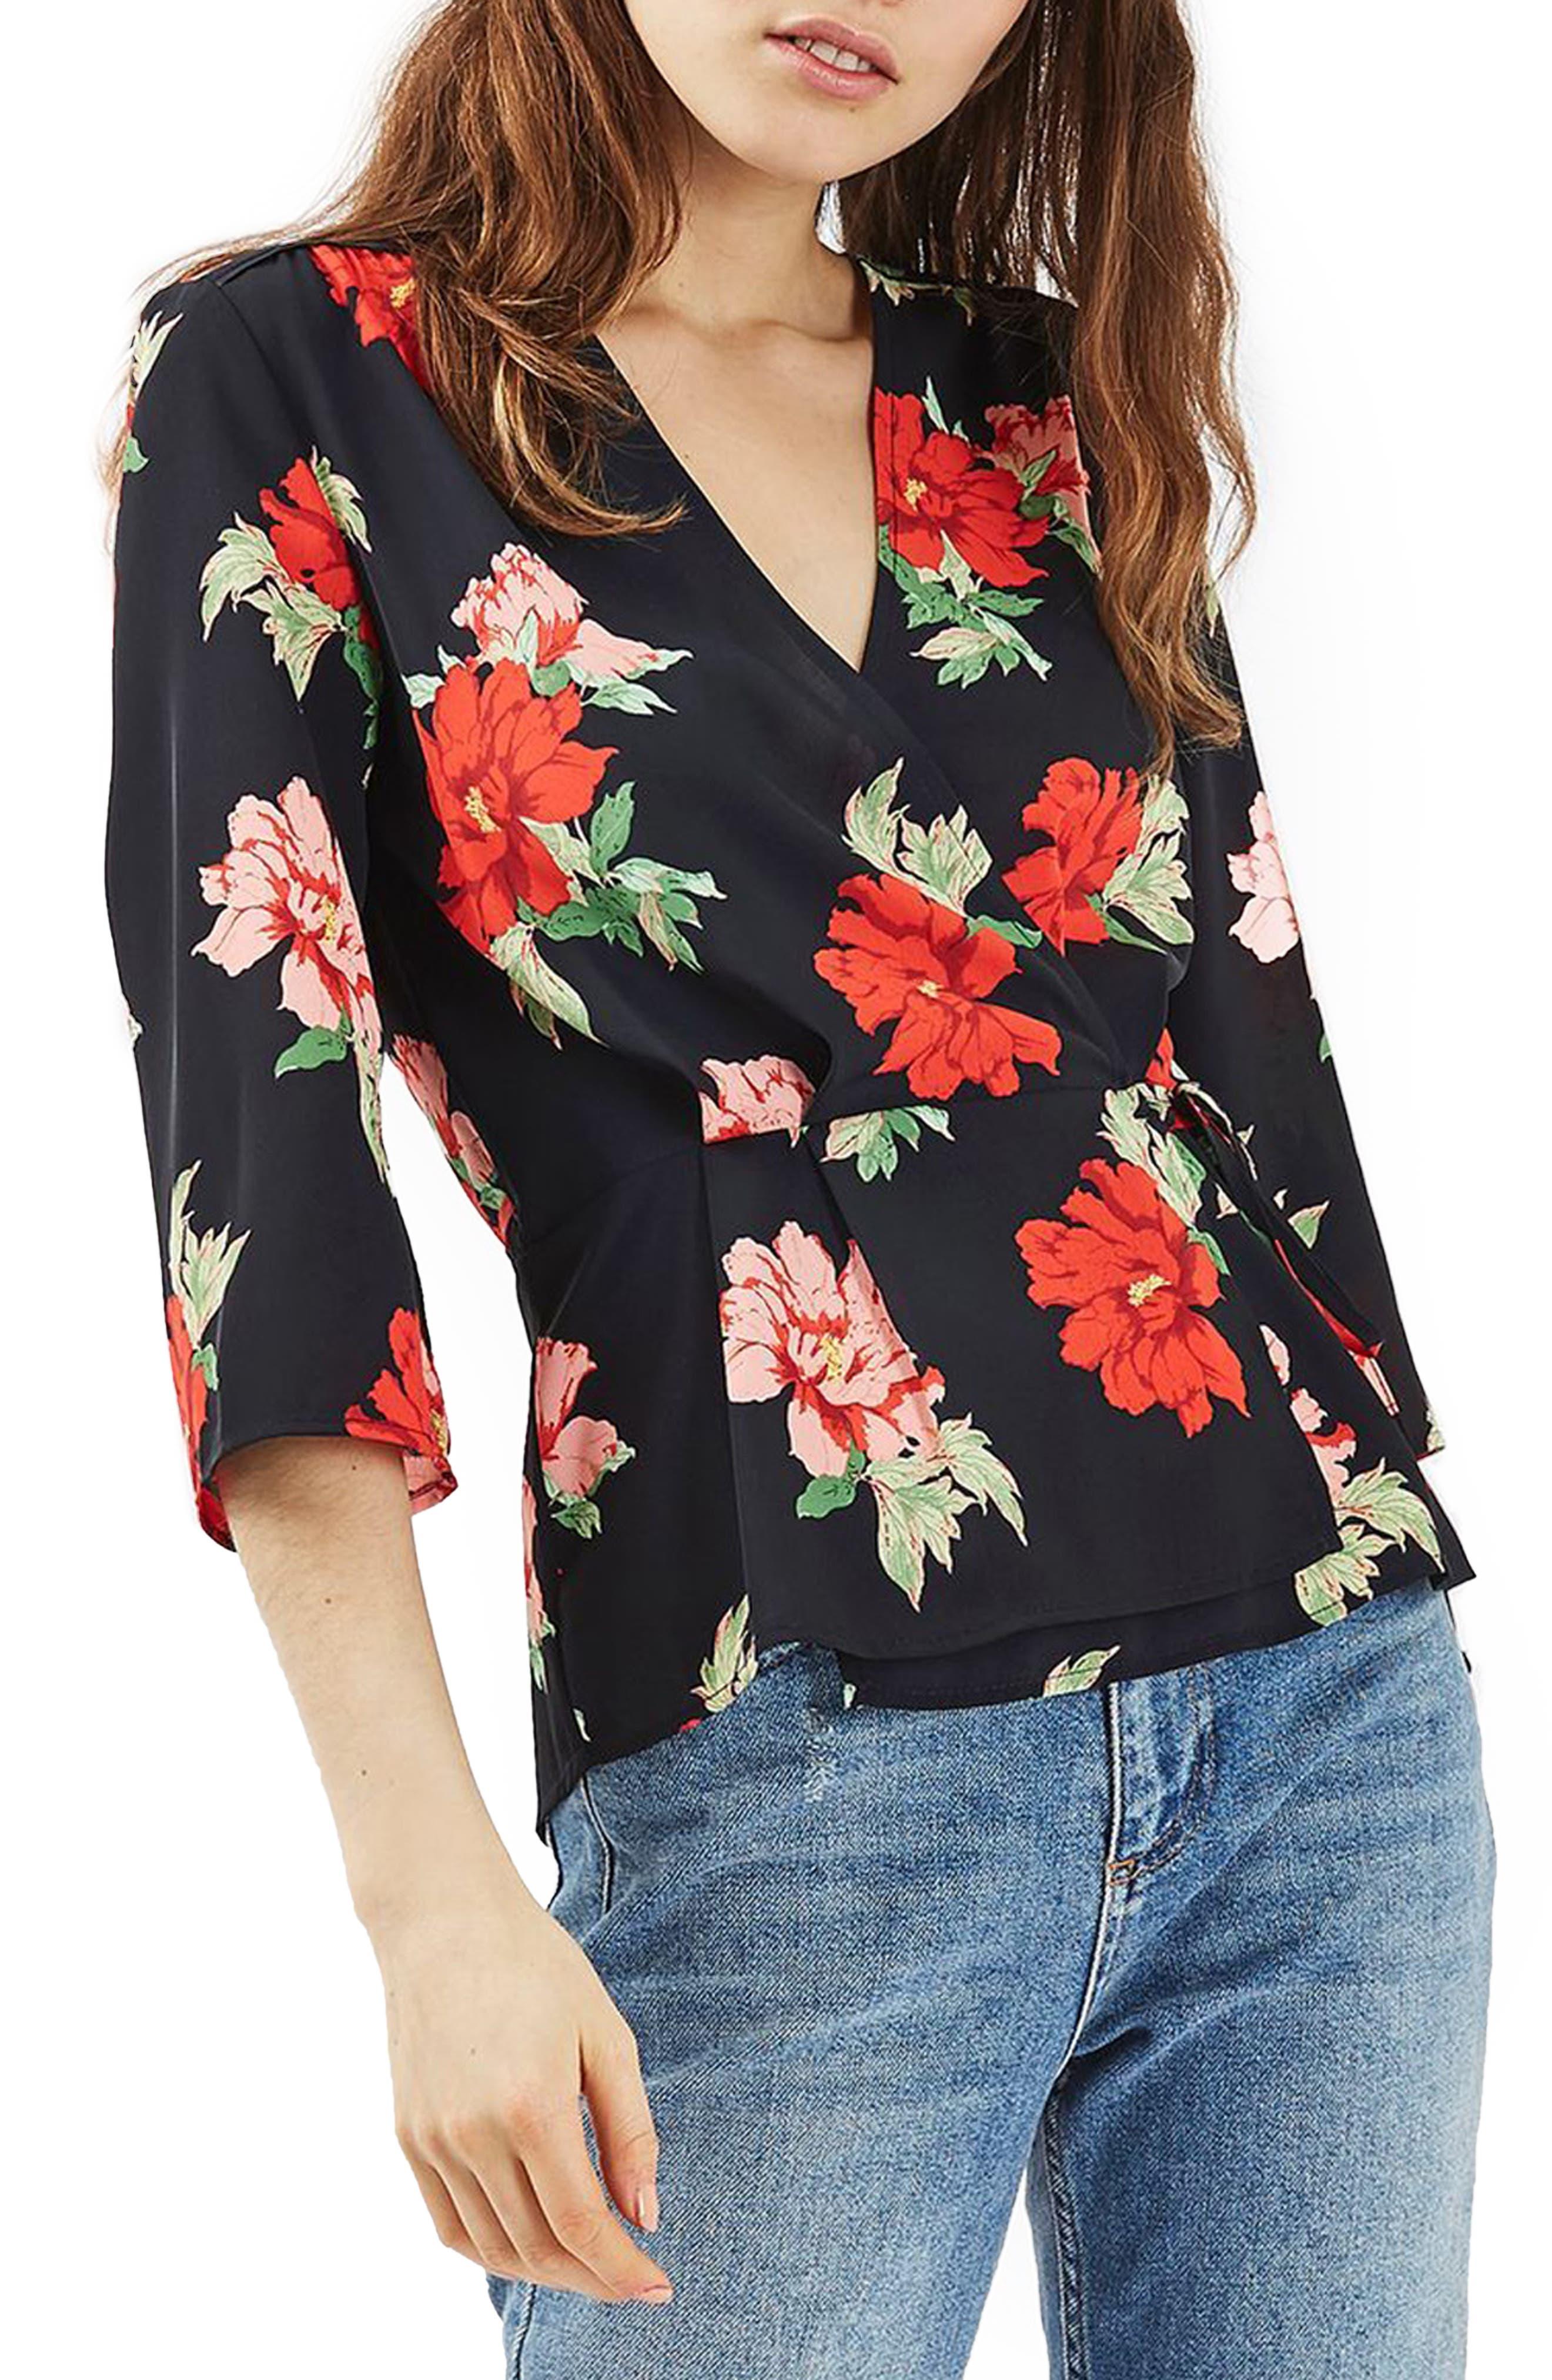 Alternate Image 1 Selected - Topshop Rita Floral Wrap Top